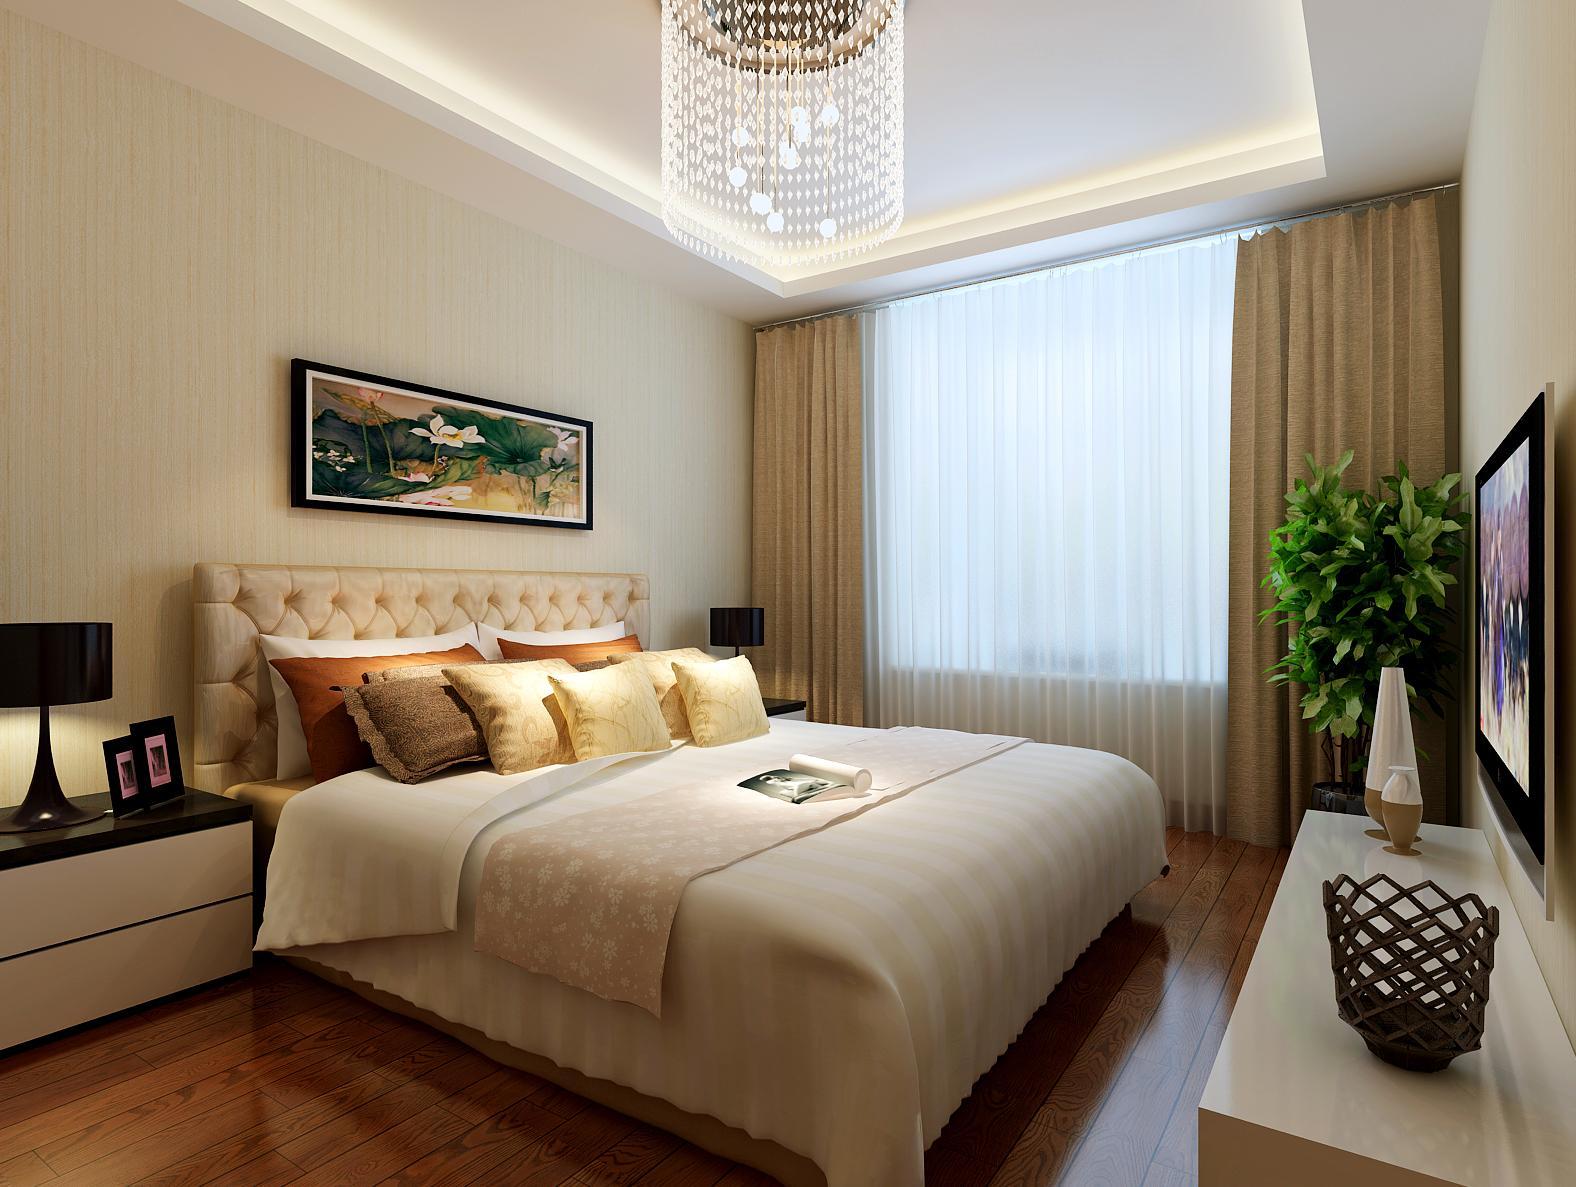 关于卧室装饰搭配及窗帘选择?#21152;心?#20123;颜色风水禁忌